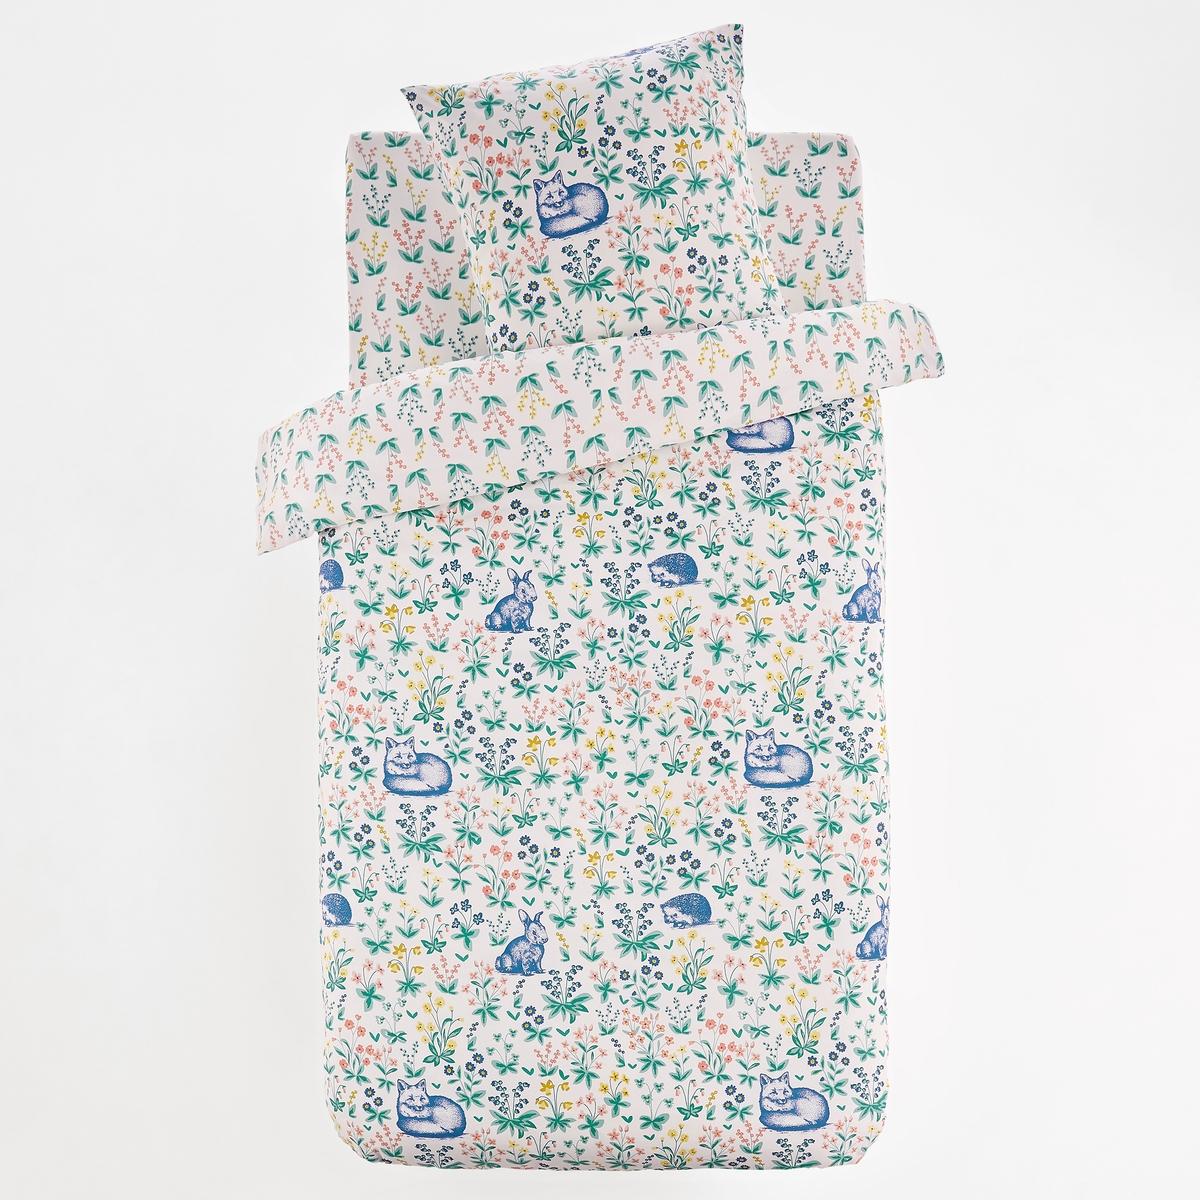 цена Пододеяльник La Redoute Детский ADLAIDE 140 x 200 см белый онлайн в 2017 году